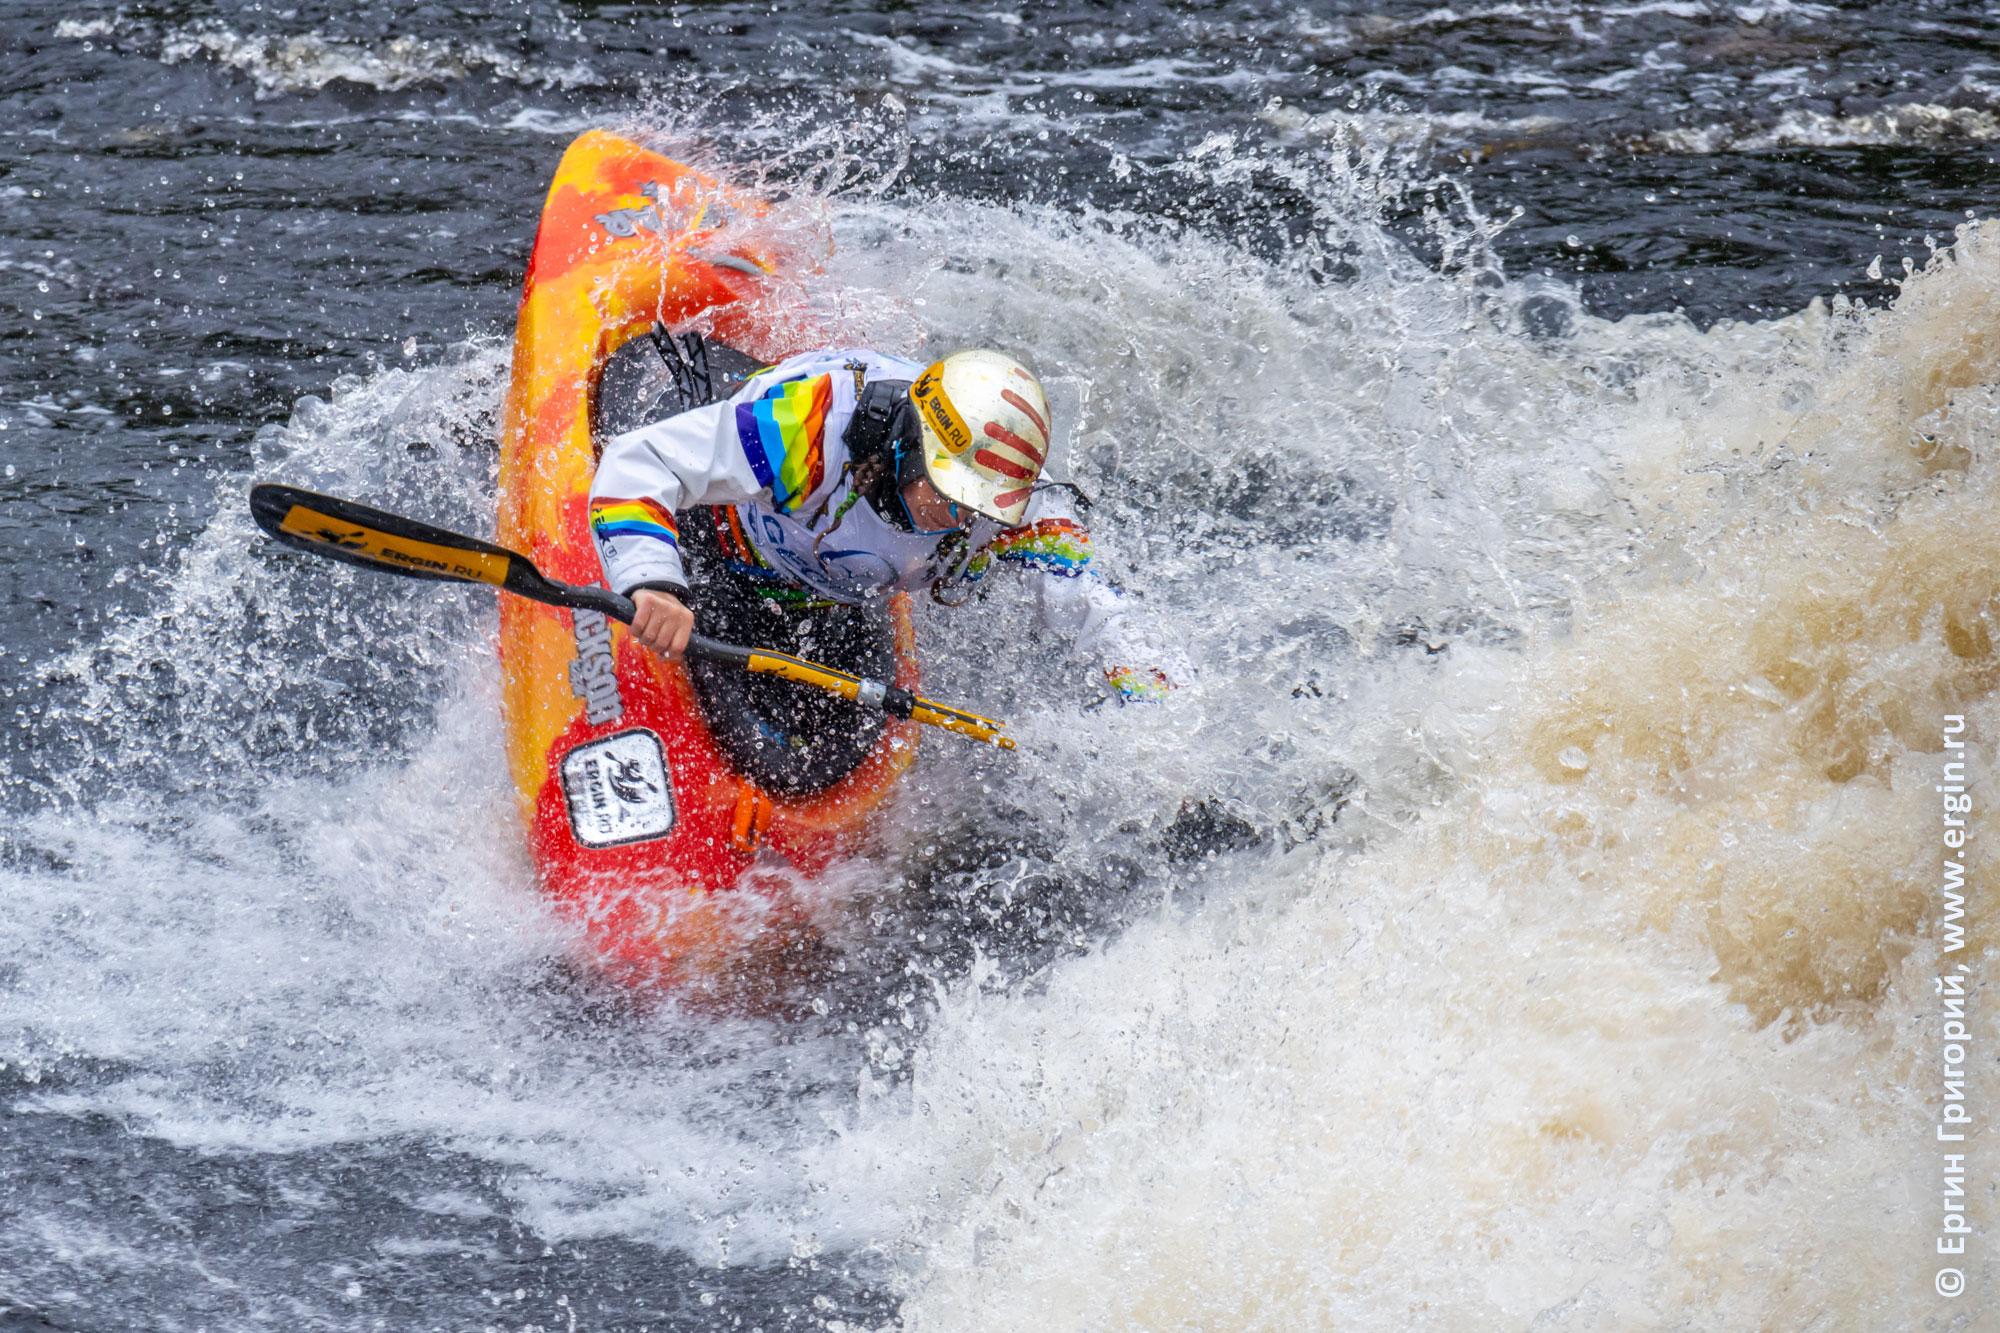 Алия Бадьина, выступление на Чемпионате России по фристайлу на бурной воде